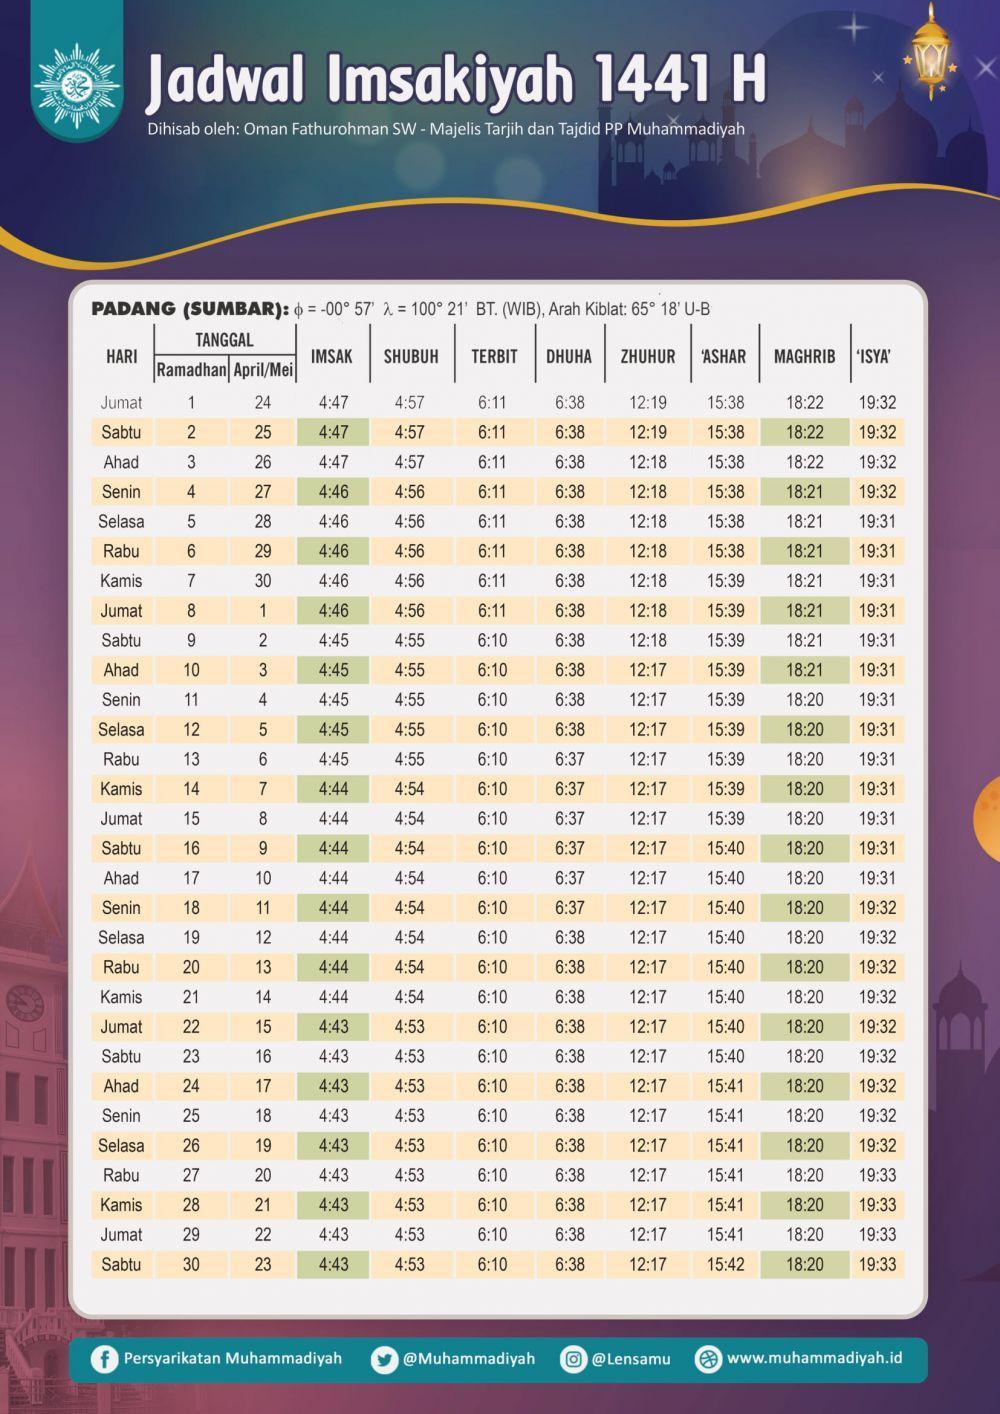 Jadwal Imsakiyah dan Buka Puasa Ramadan 1441 H/2020 M, Padang